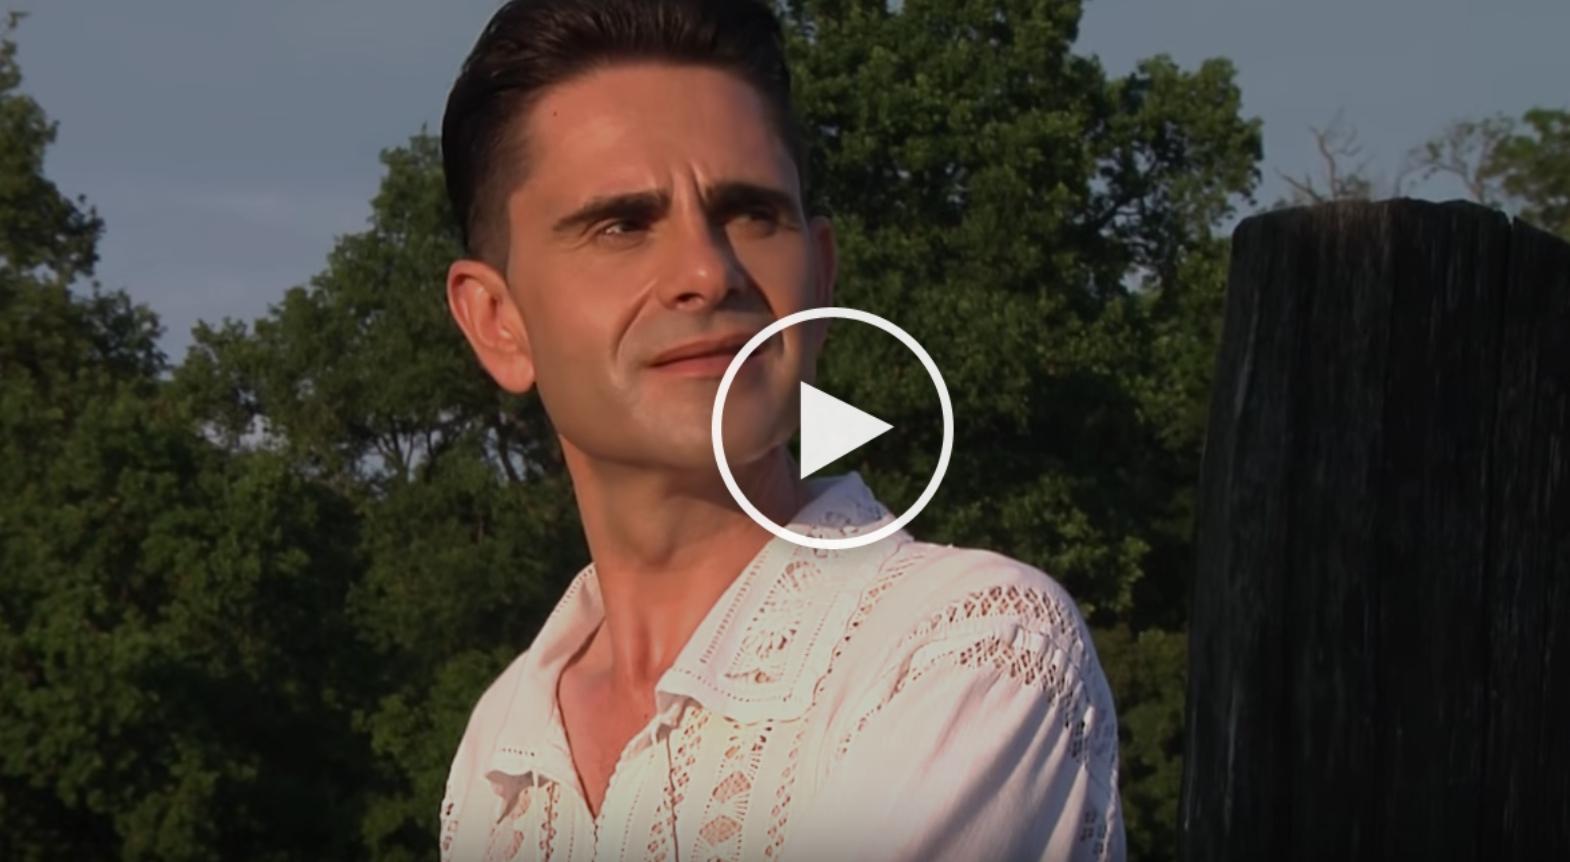 Cand pleci in strainatate.. Melodia e dedicata special pentru toti ROMANII plecati peste hotare - VIDEO